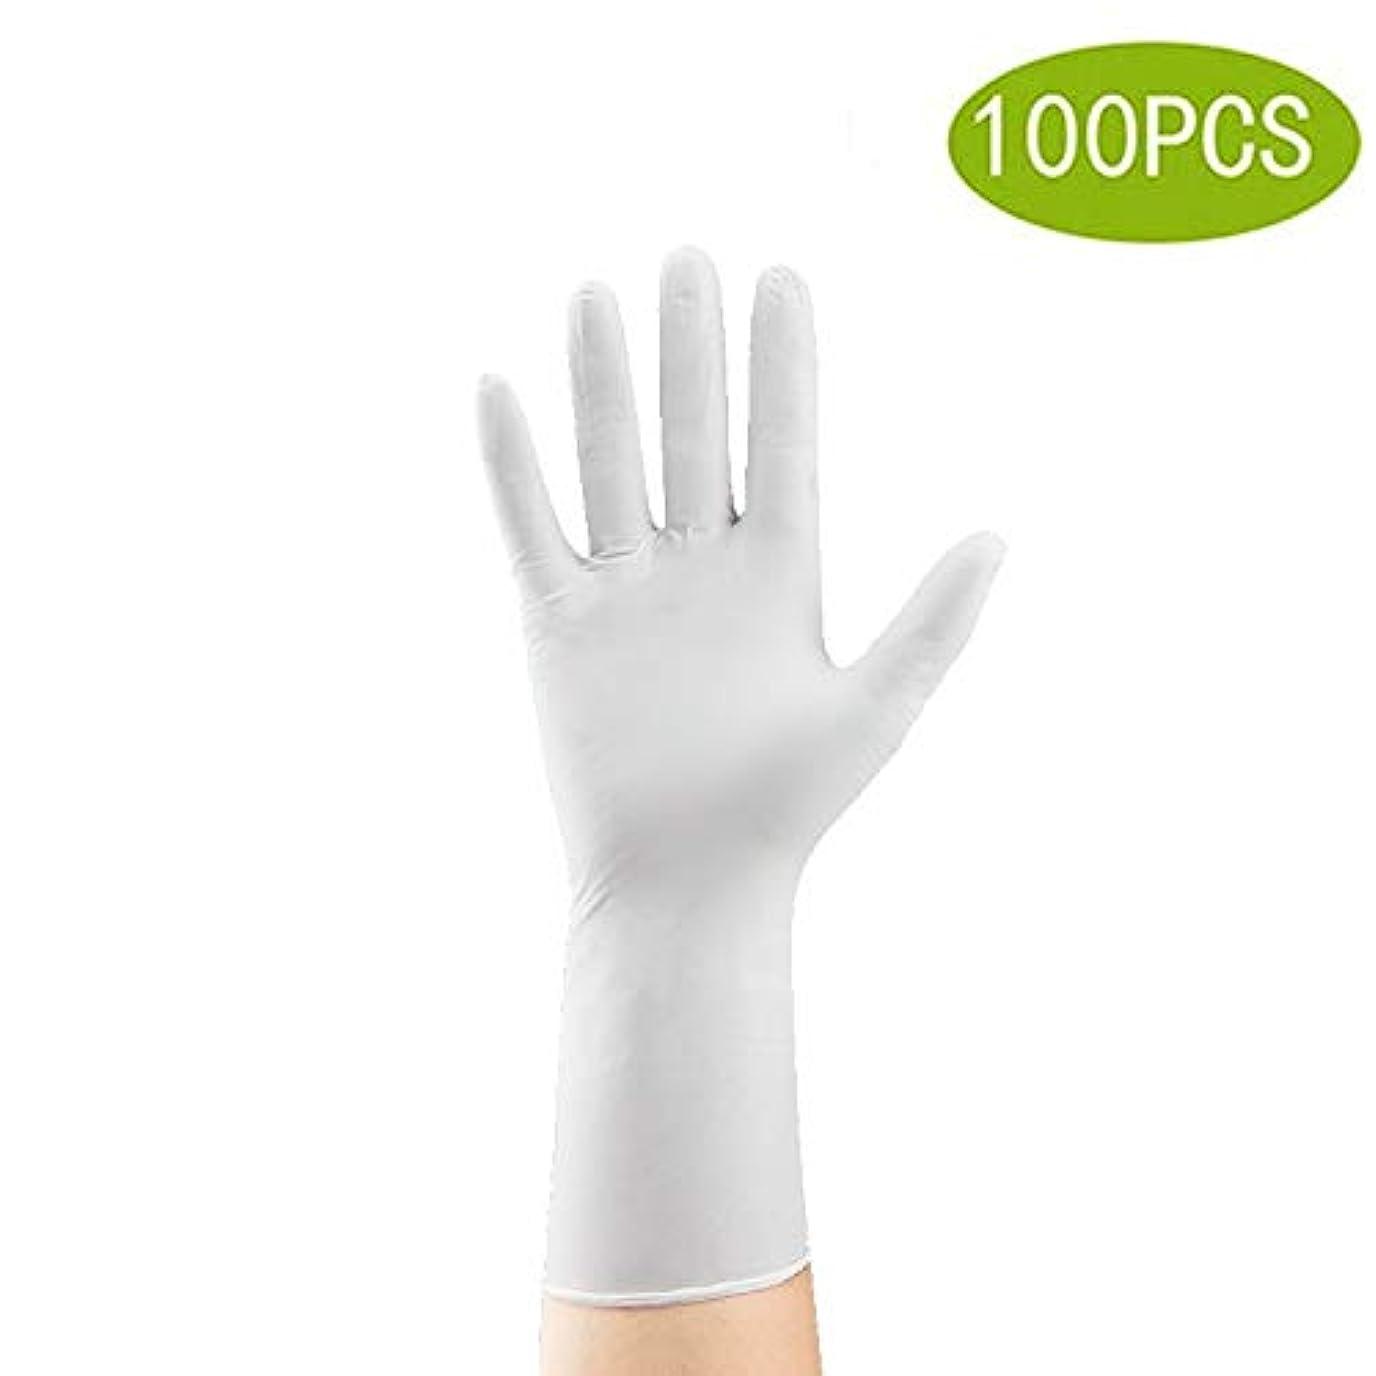 印象派手紙を書くマラソン12インチメディカル試験ラテックス手袋| Jewelry-stores.co.uk5ミル厚、100個入りパウダーフリー、無菌、頑丈な試験用手袋|病院用プロフェッショナルグレード、法執行機関、使い捨て安全手袋 (Size...